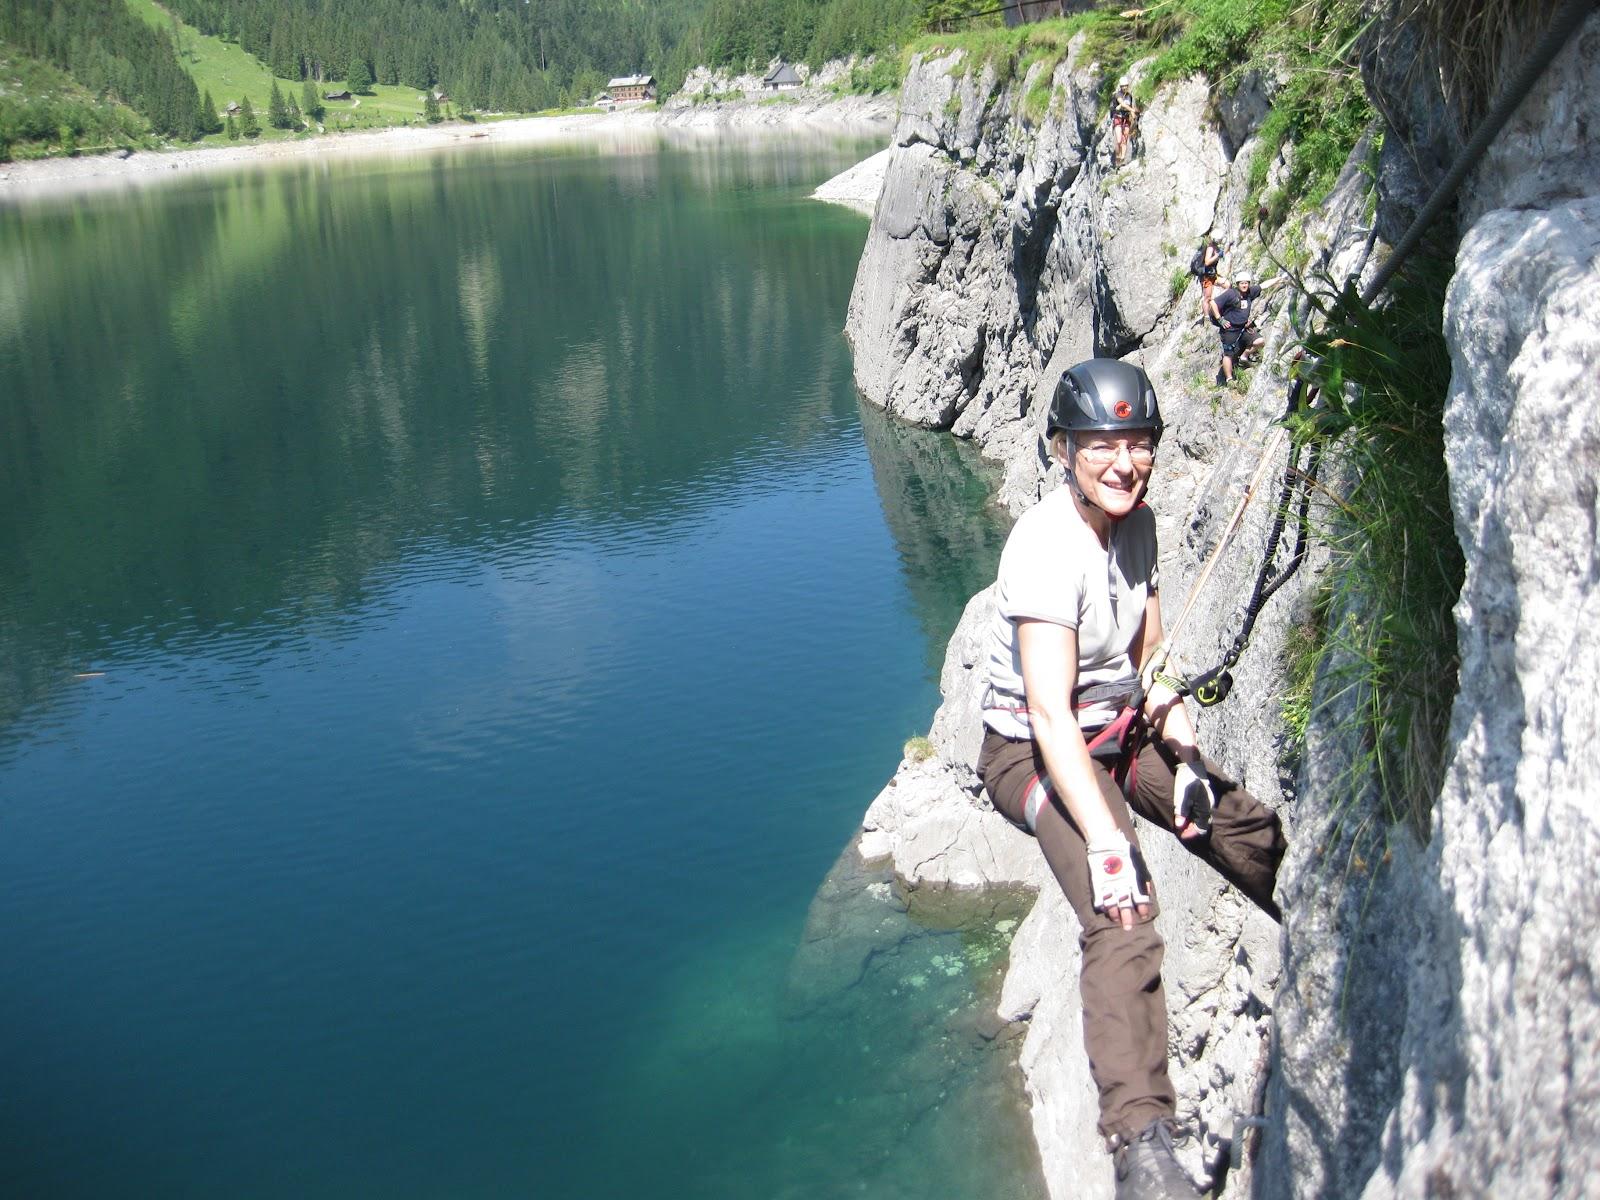 Laserer Alpin Klettersteig : Mein tourentagebuch laserer alpin klettersteig